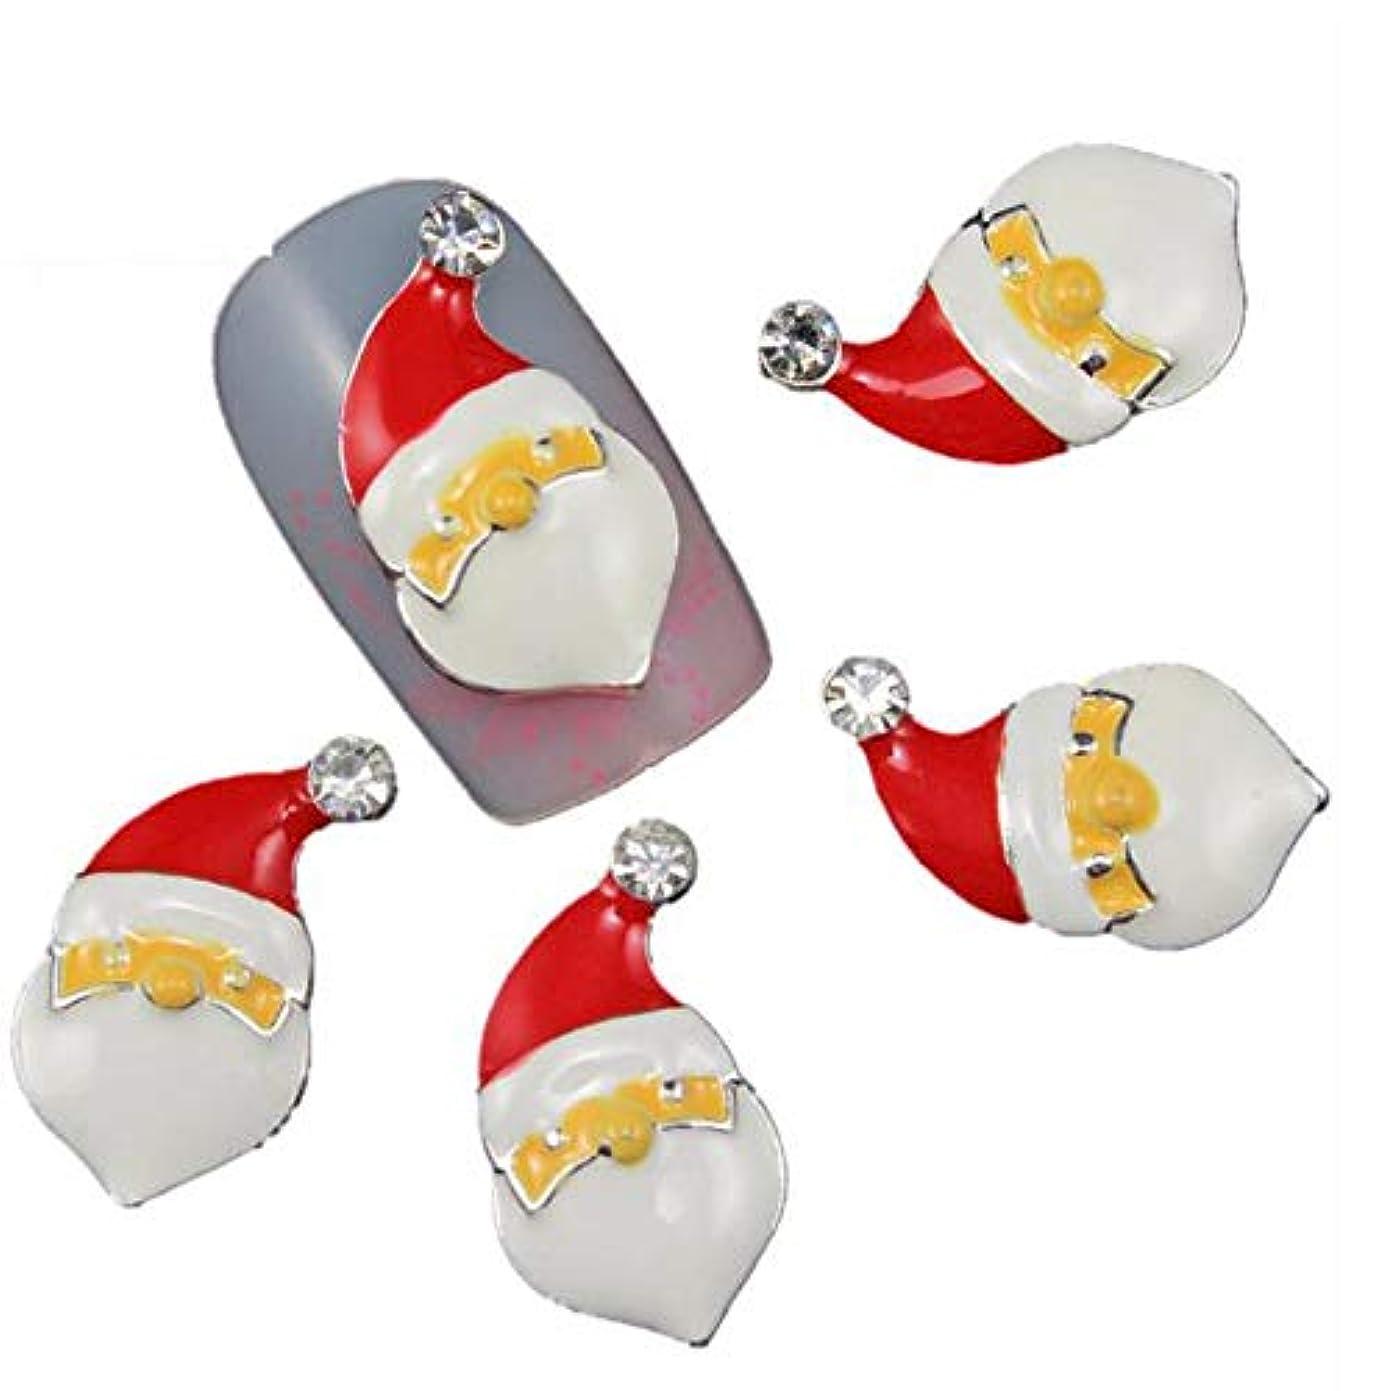 原因草反発チャームの釘のために10個/ロット3Dクリスマスネイルアートクラシックサンタクロースデザインマニキュアの装飾のクリスタルラインストーン